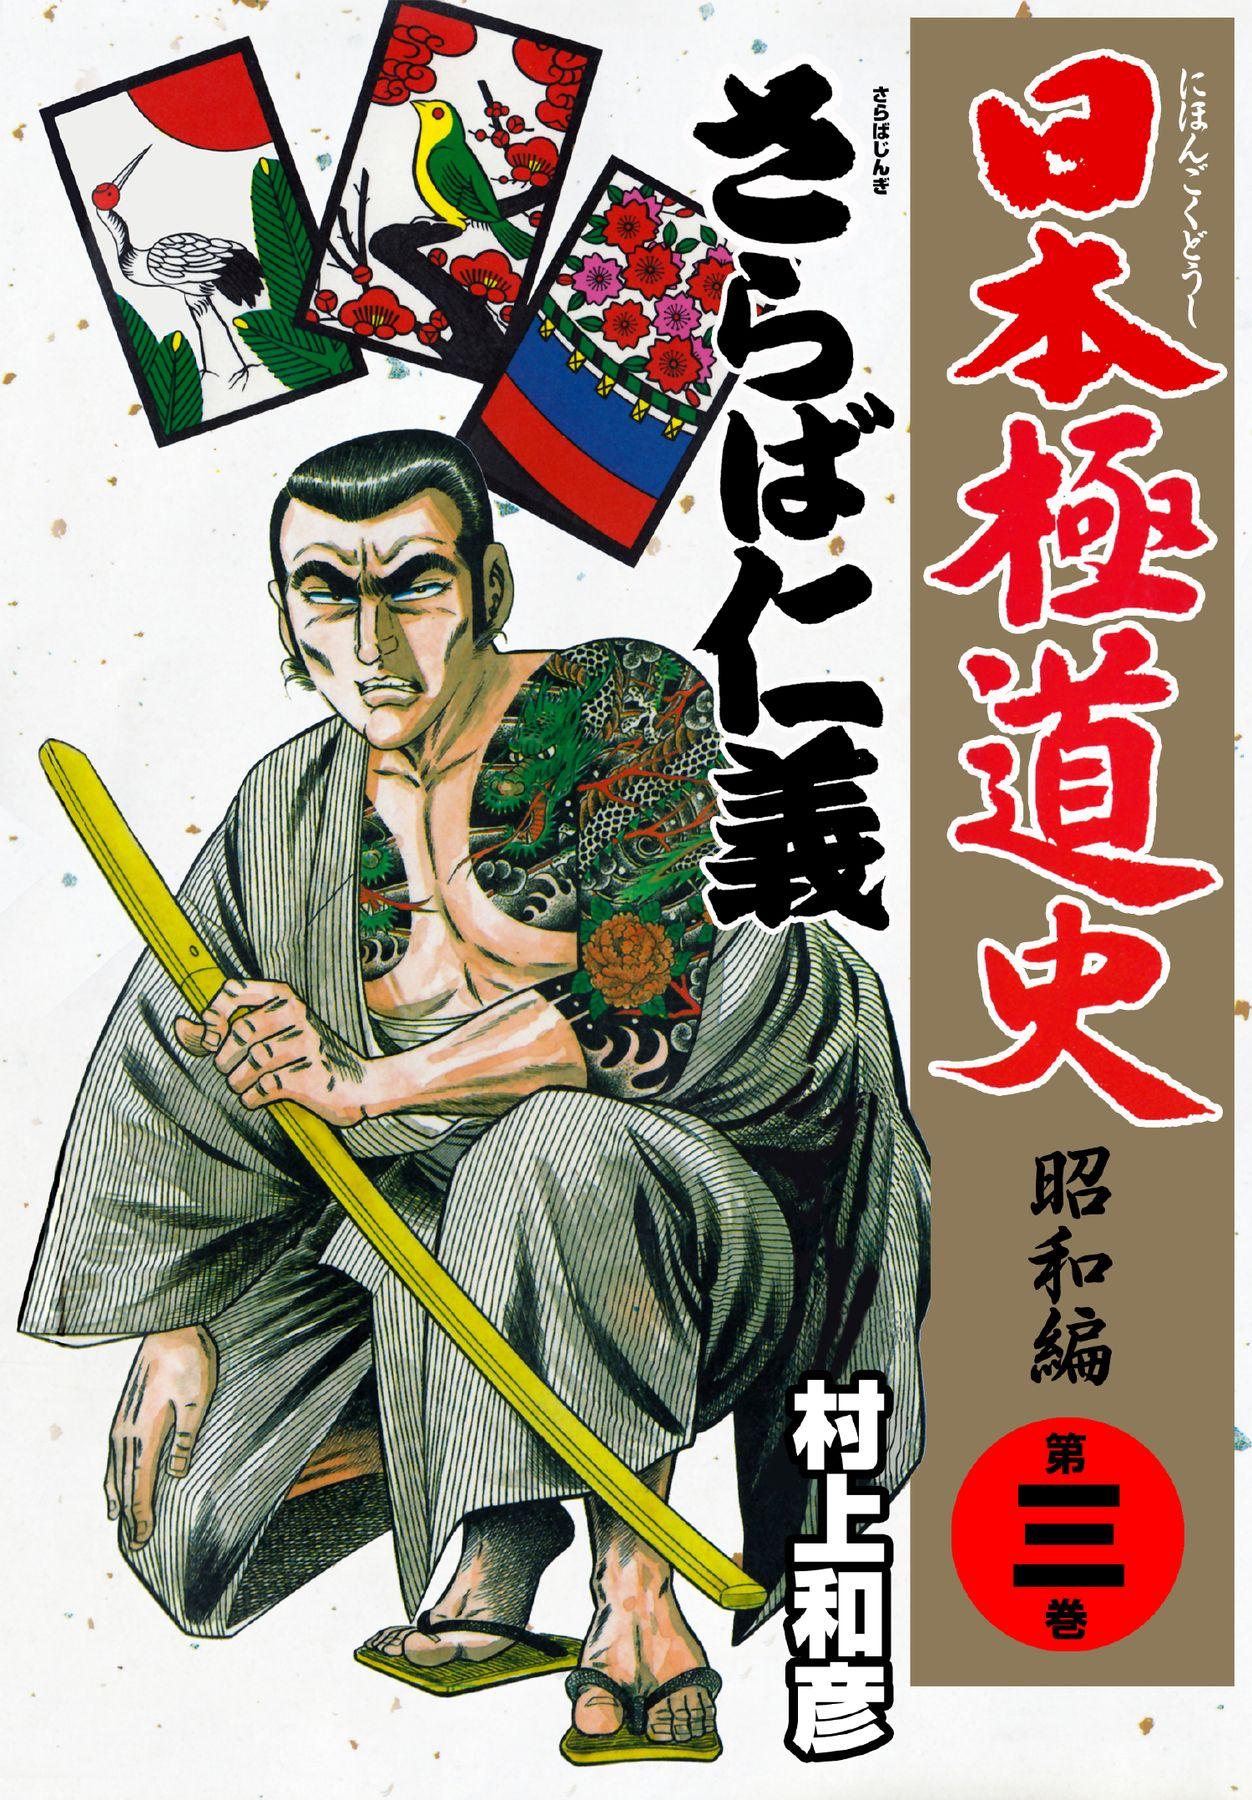 日本極道史(第3巻)